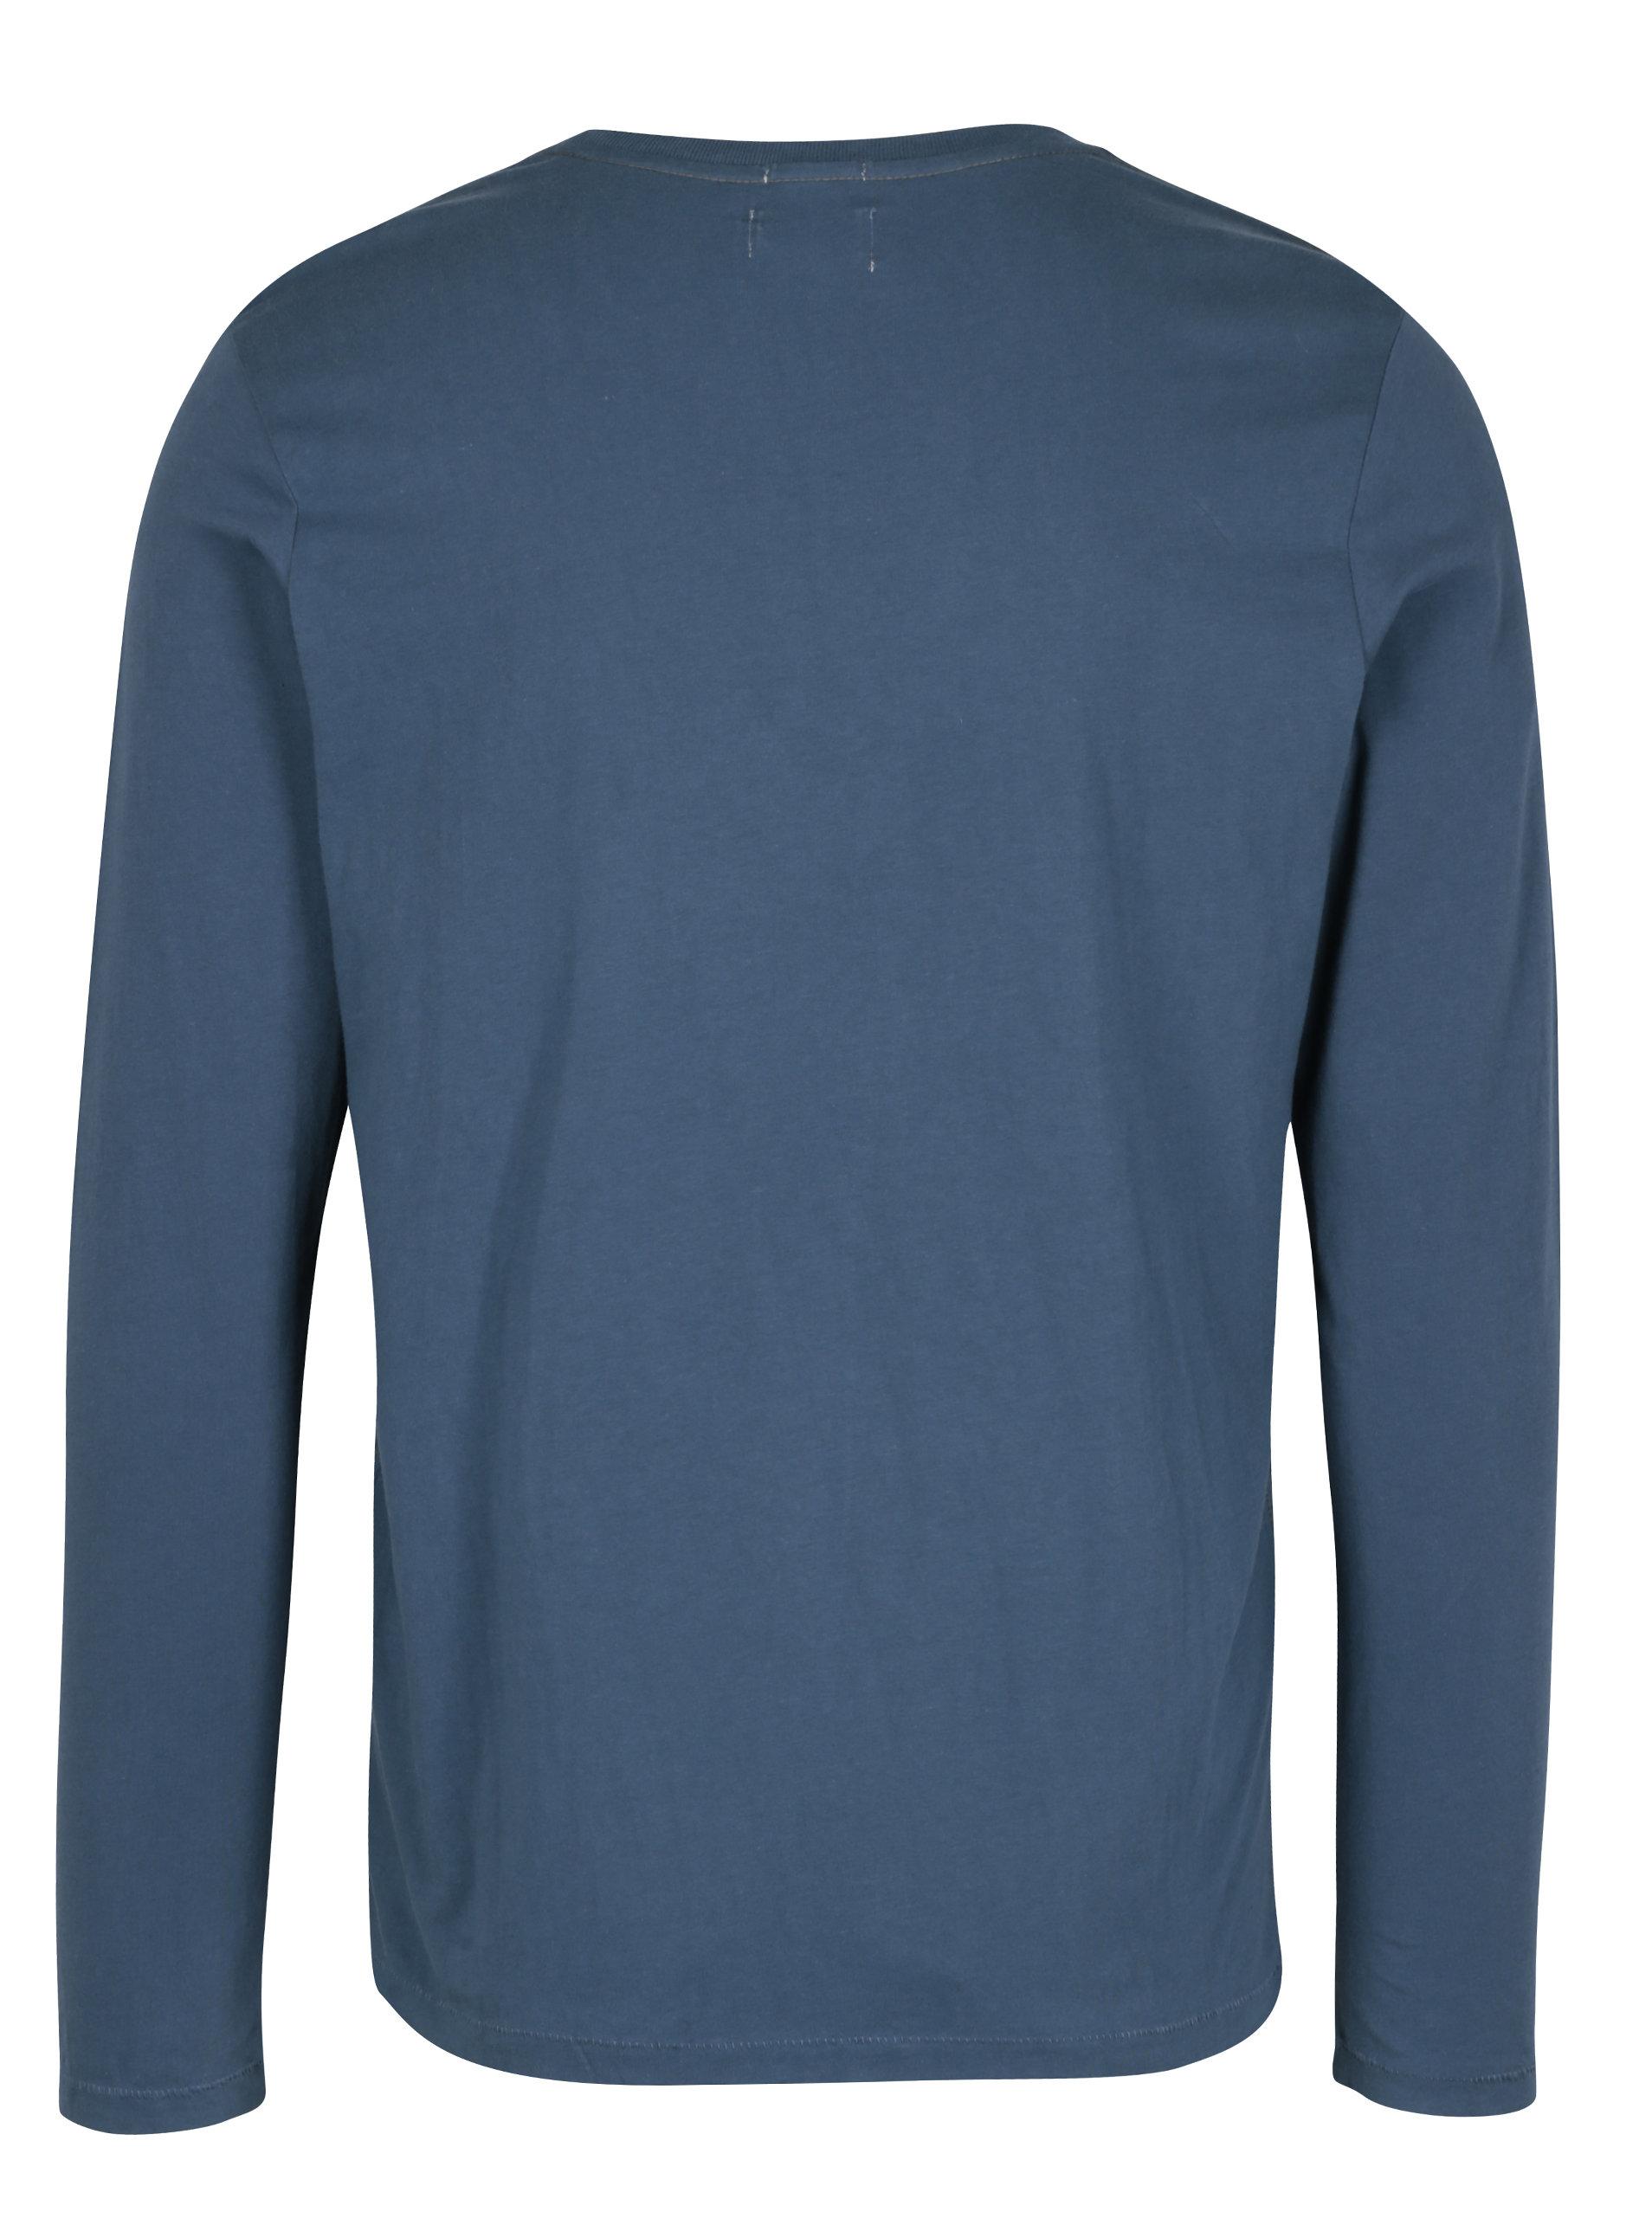 4fb278e4dbe Modré pánské slim tričko s dlouhým rukávem Pepe Jeans AVENUE ...